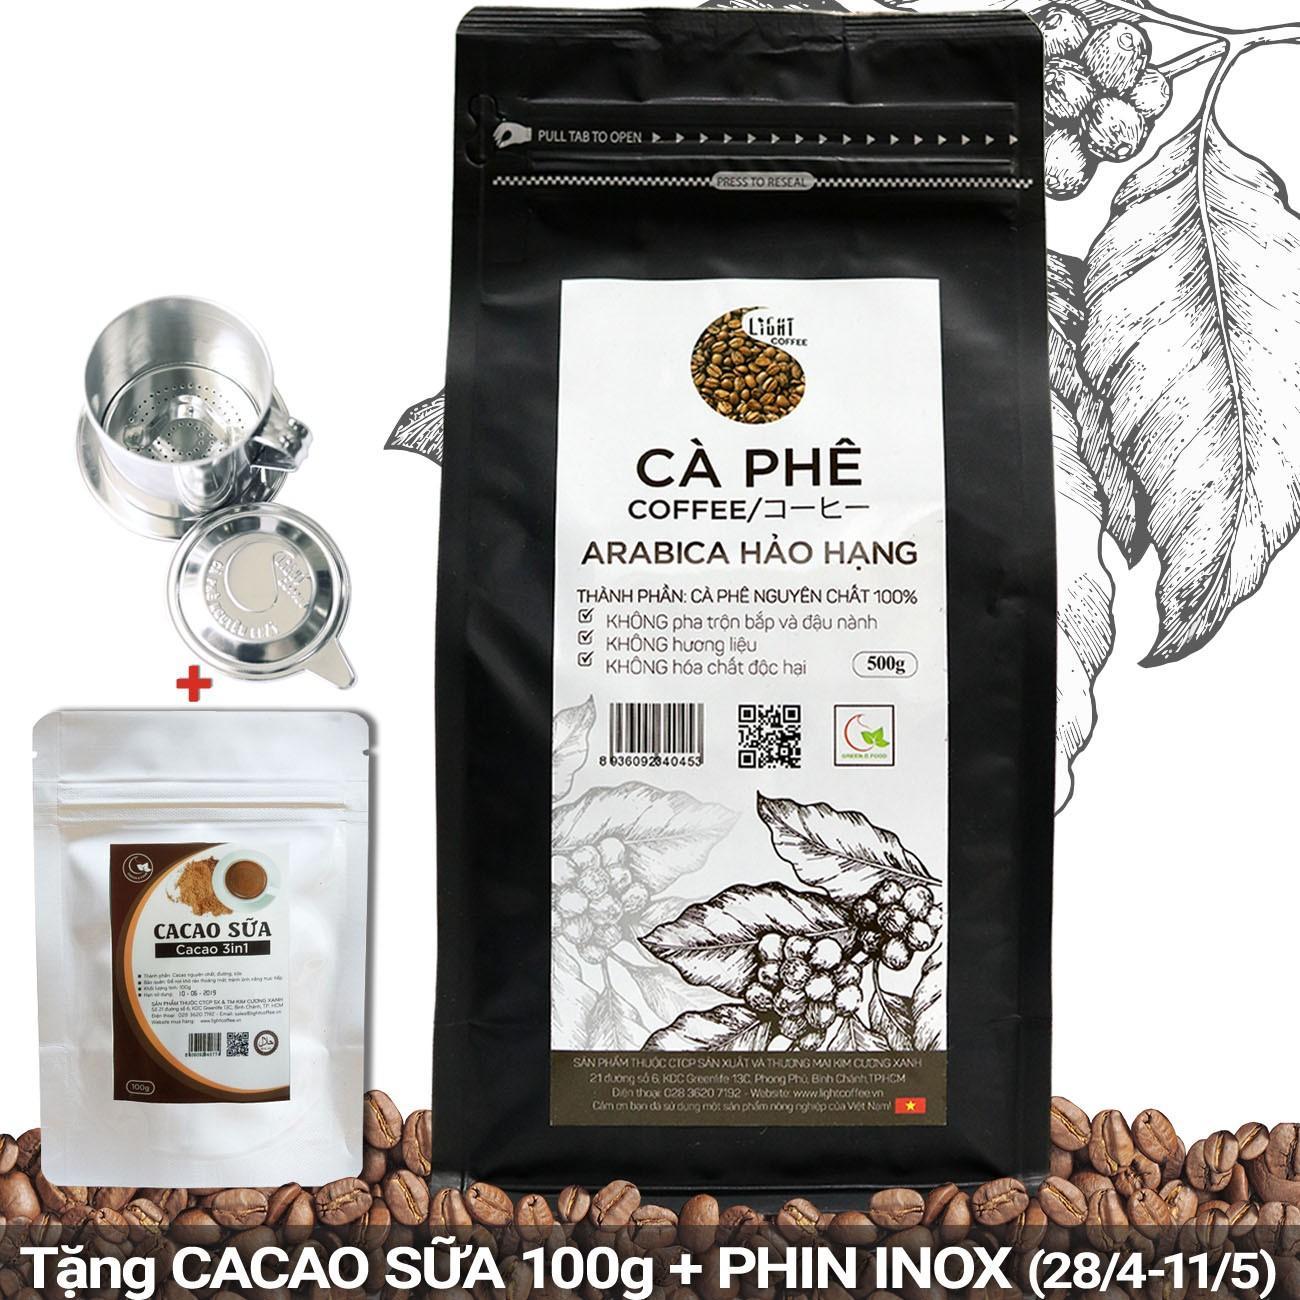 Bán Ca Phe Hạt Nguyen Chất 100 Arabica Hảo Hạng Light Coffee Goi 500G Rẻ Hồ Chí Minh